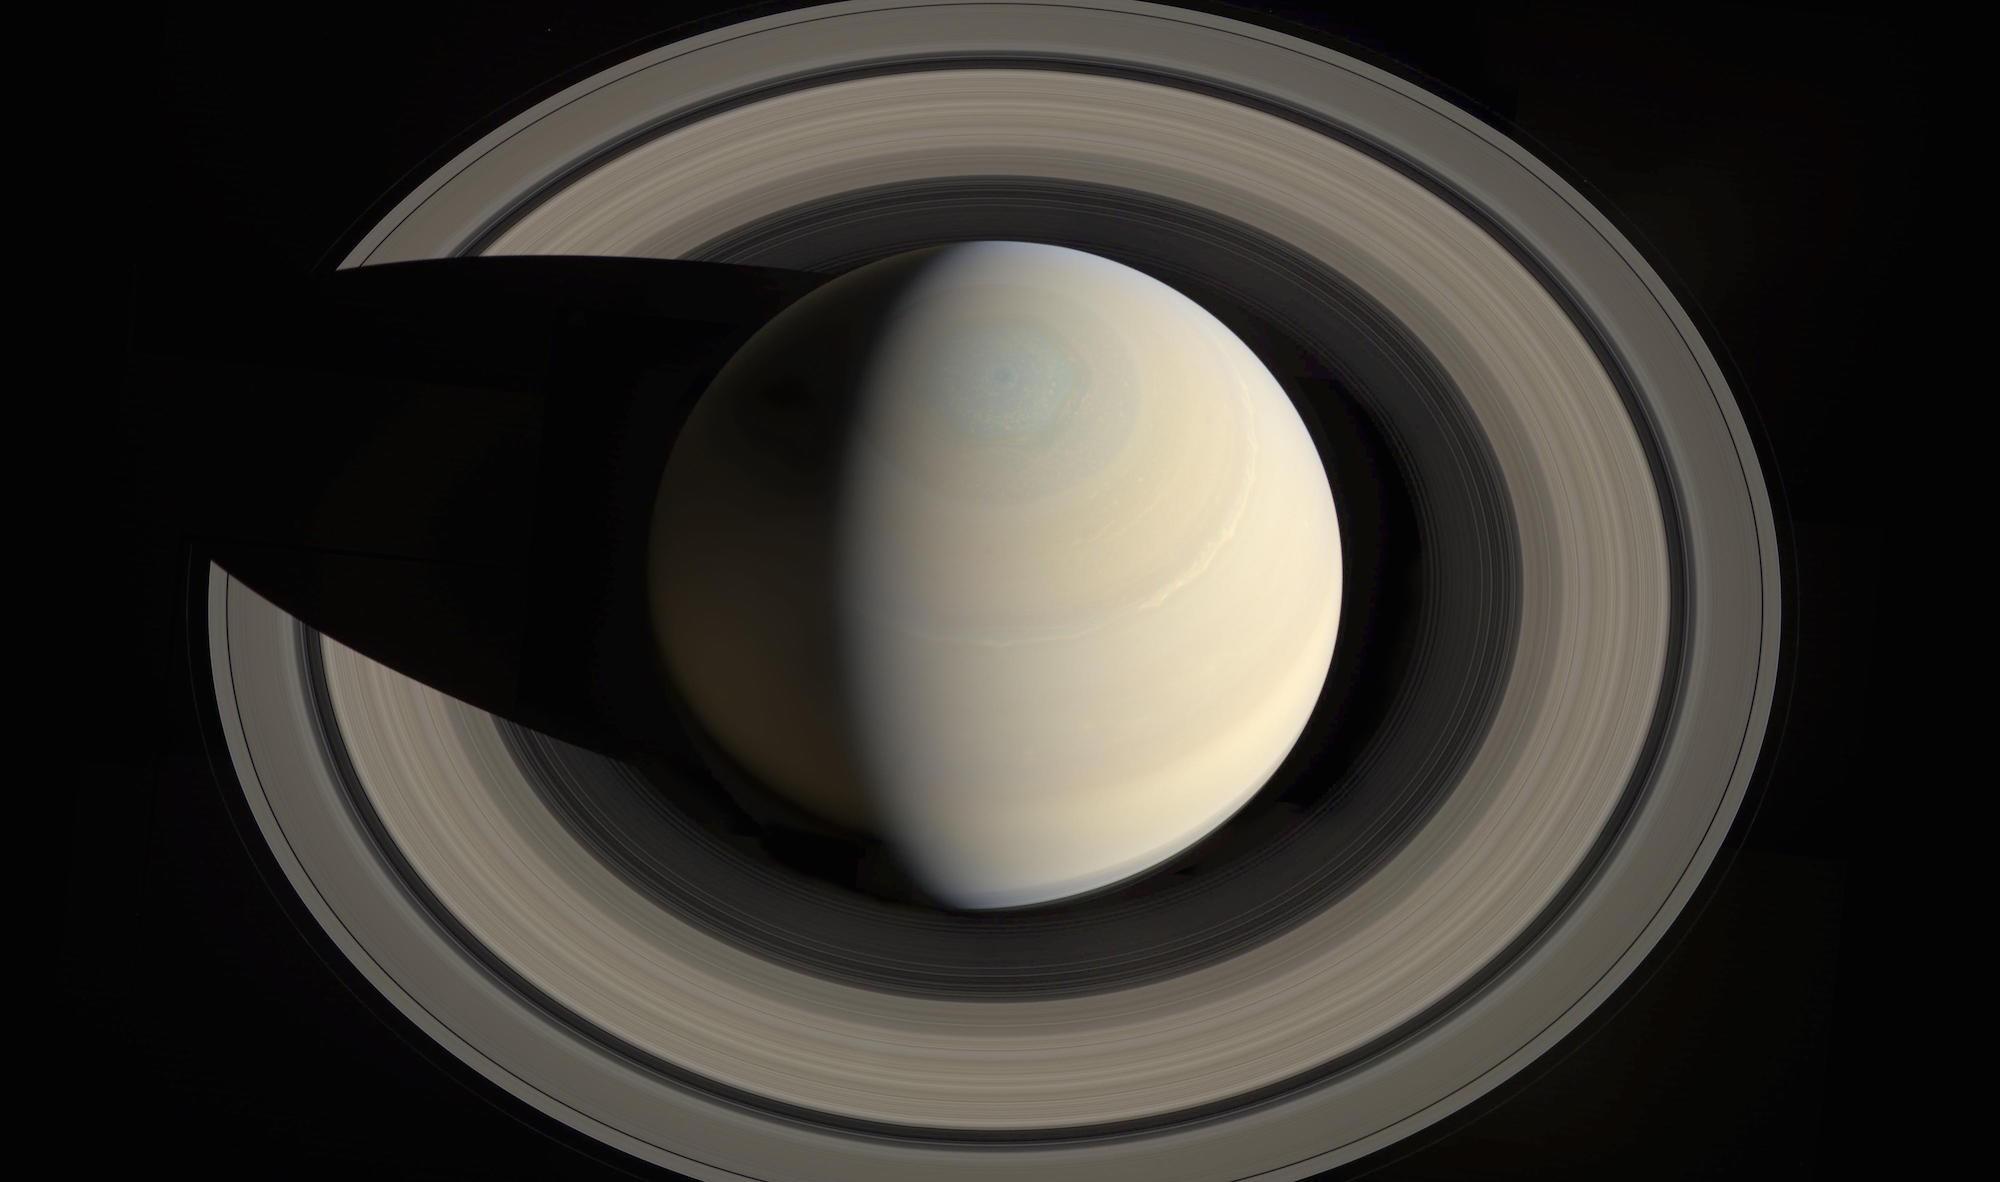 Você consegue enxergar o maior anel de Saturno? Seus olhos podem estar te enganando. ;)  (Foto: NASA)